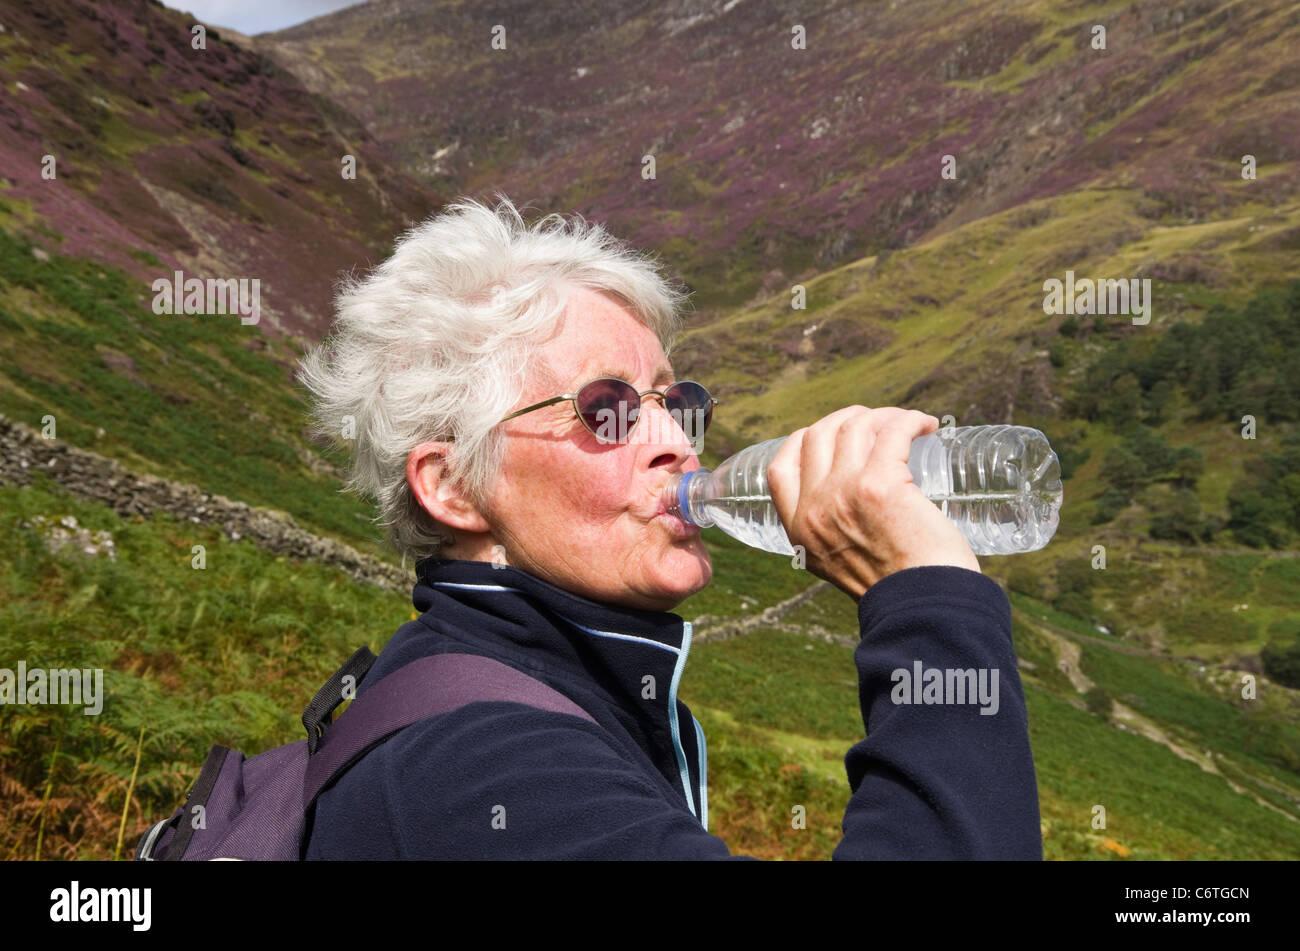 Sete attiva donna senior walker di bere acqua imbottigliata da una bottiglia di plastica mentre le escursioni all'aperto Immagini Stock